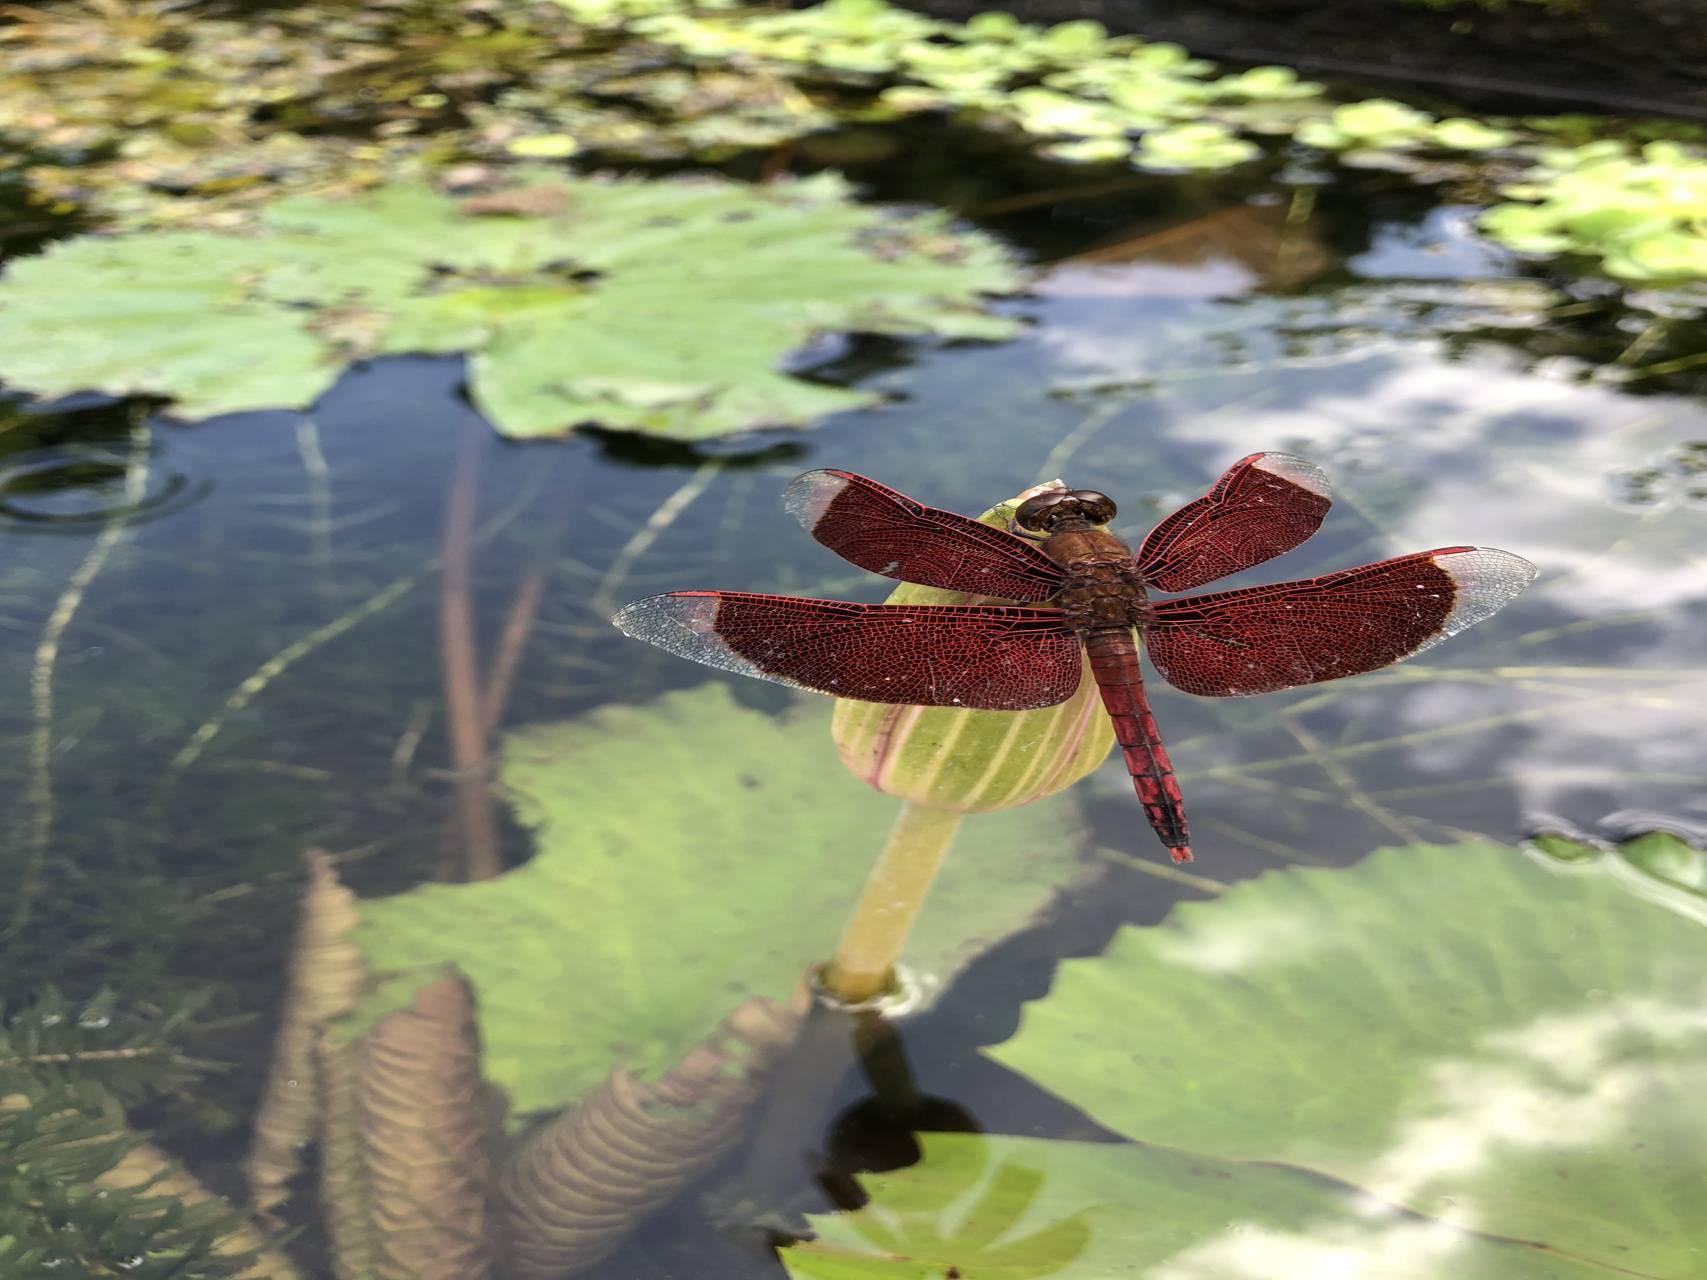 Bali dragonfly